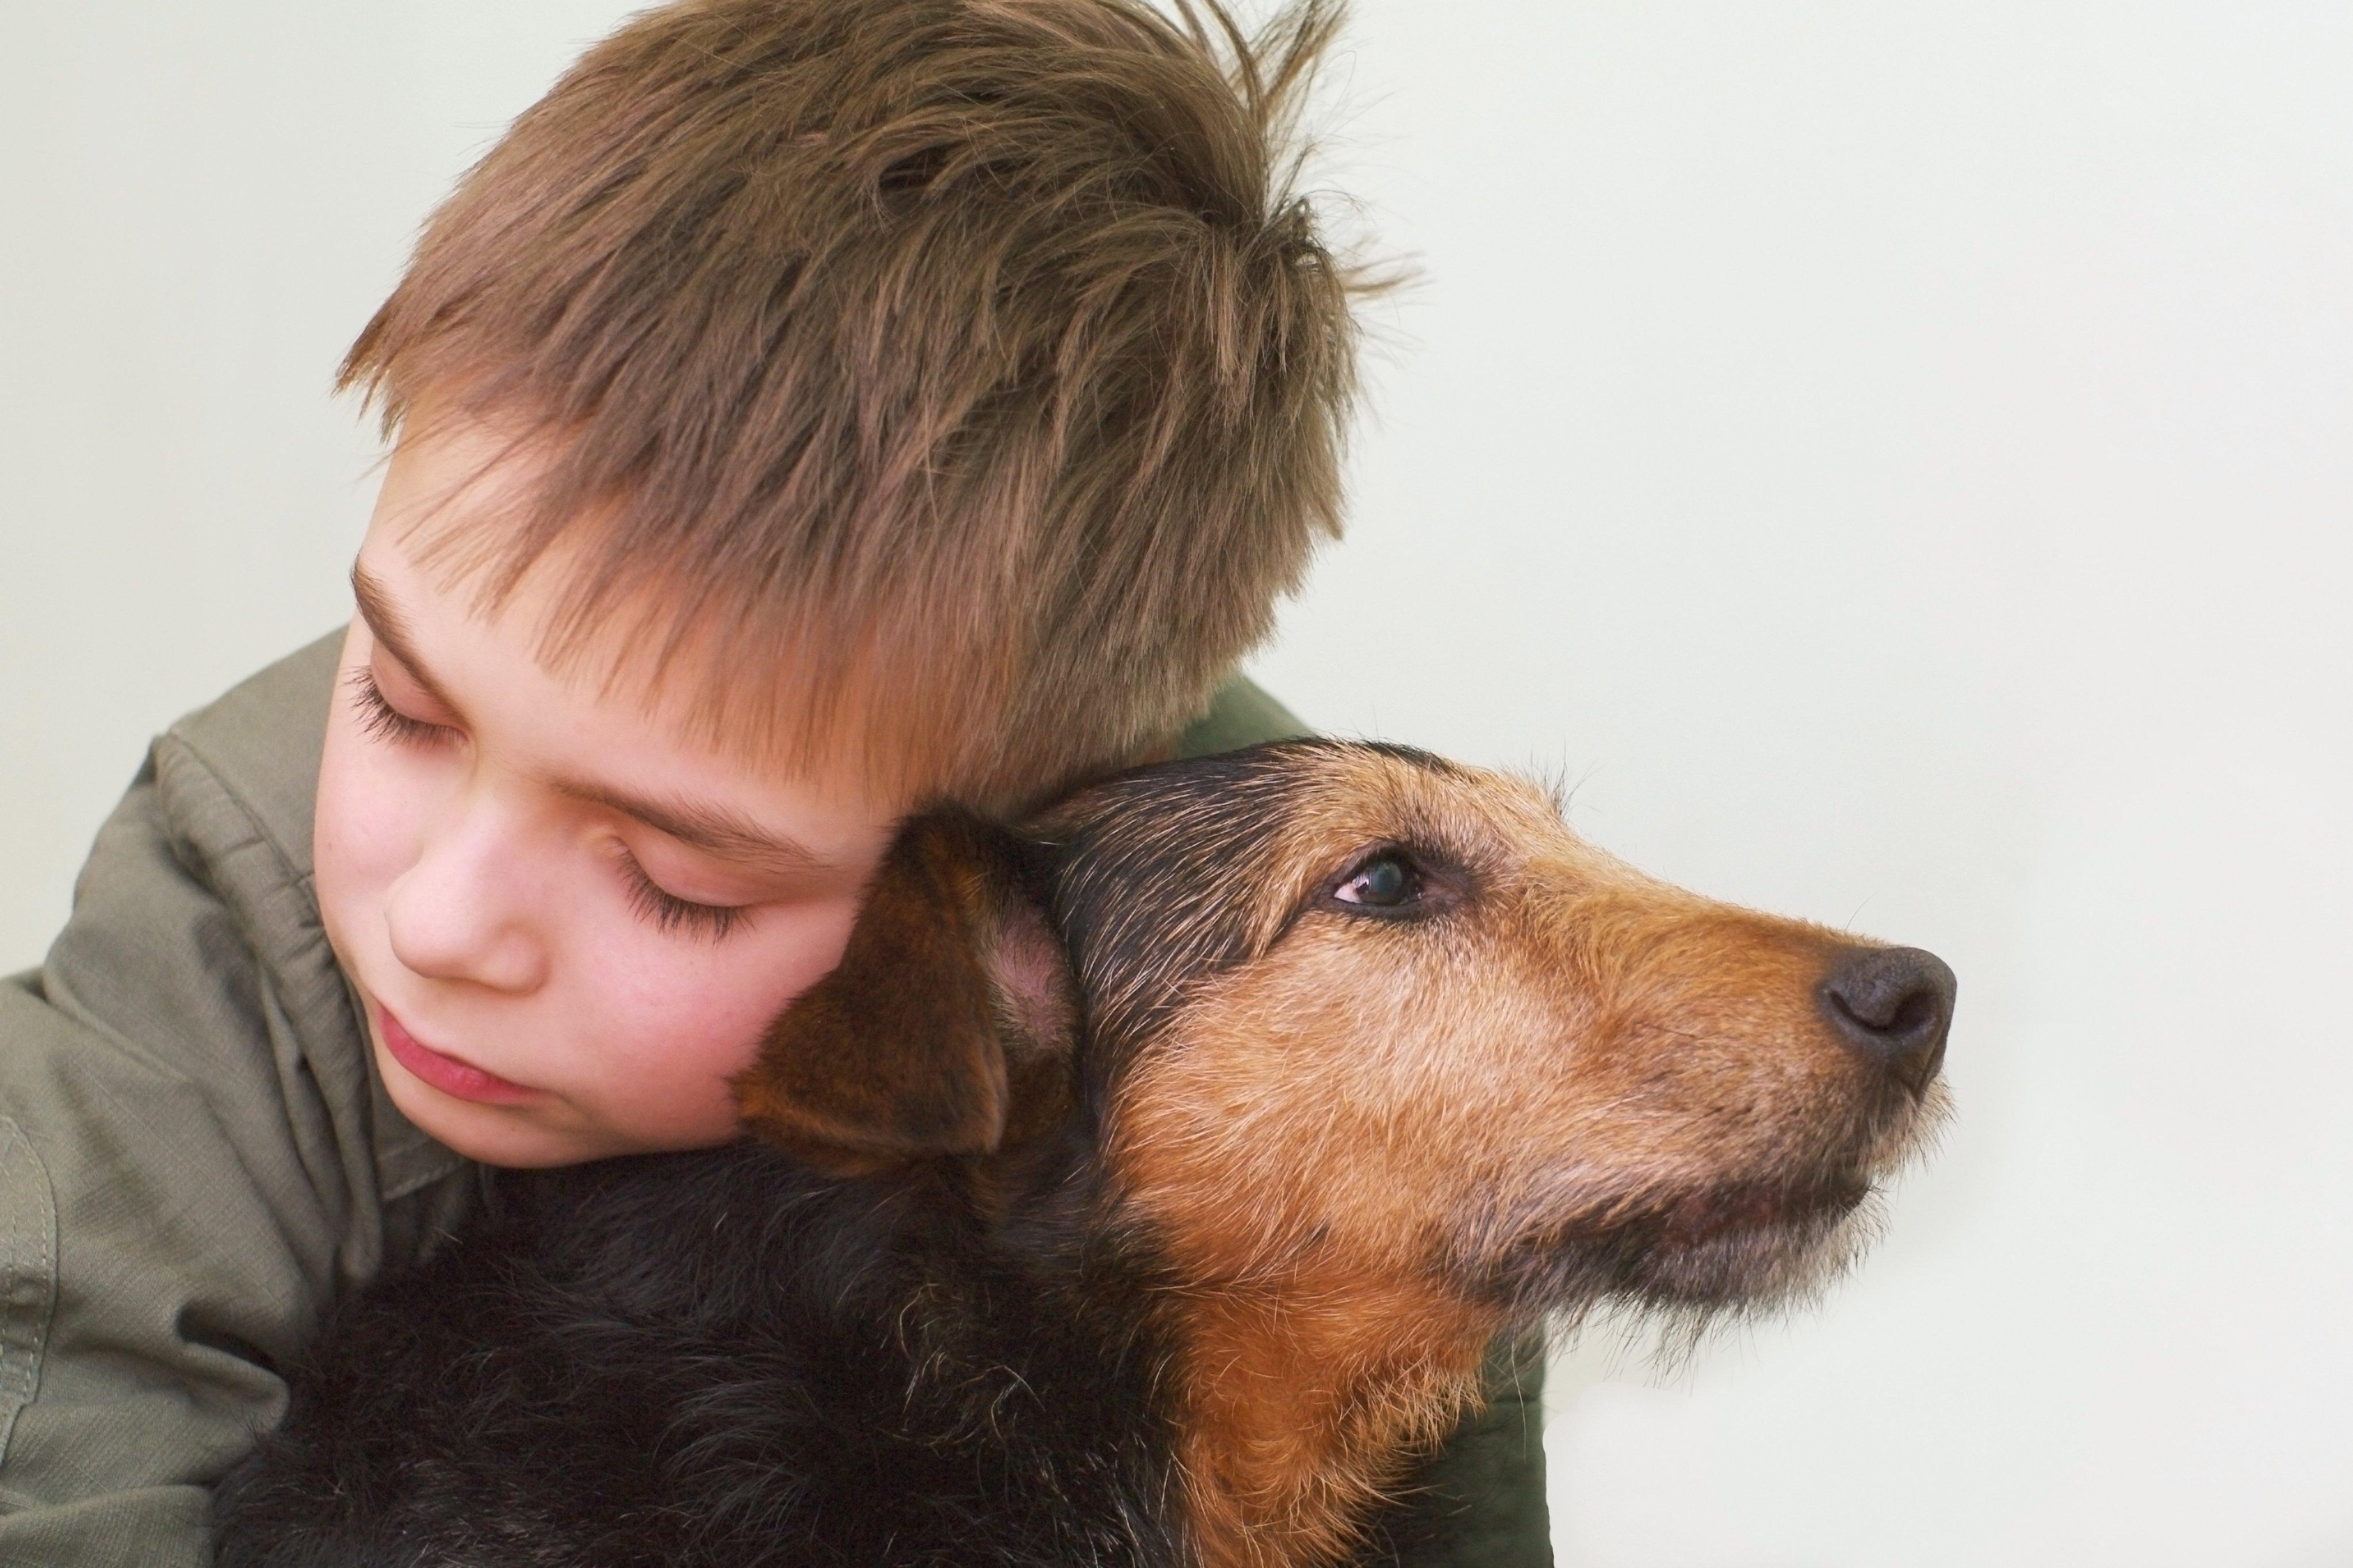 Niño abraza a su perrito. || Fuente: Shutterstock